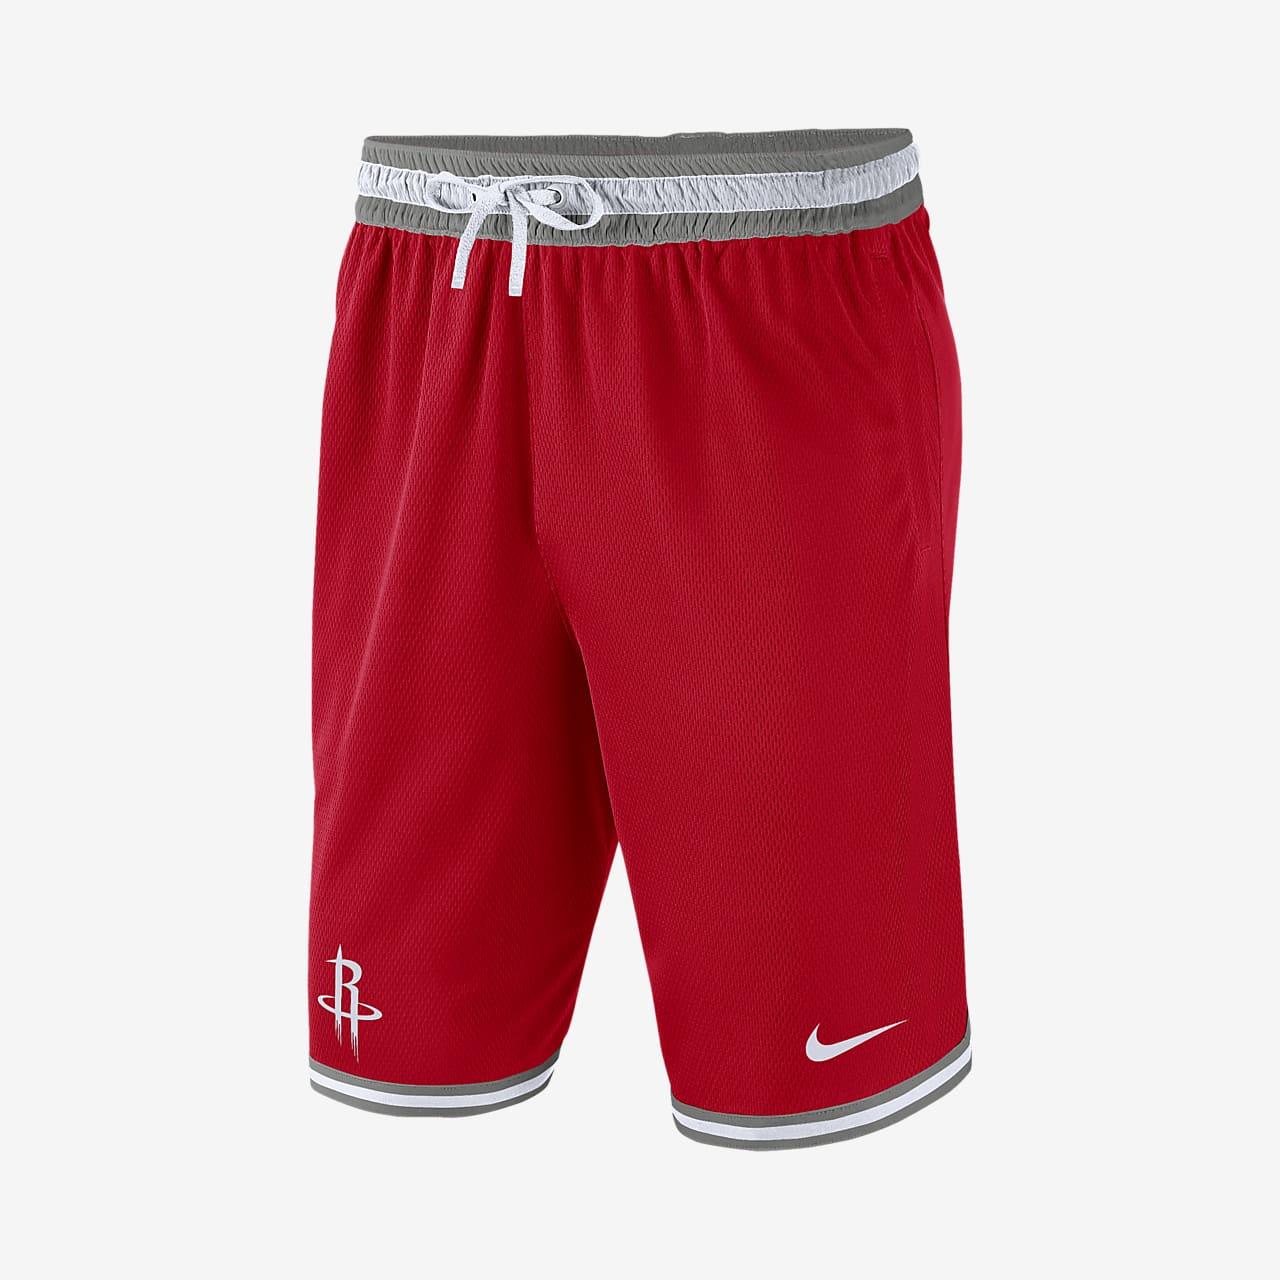 Houston Rockets DNA Nike NBA-Shorts für Herren